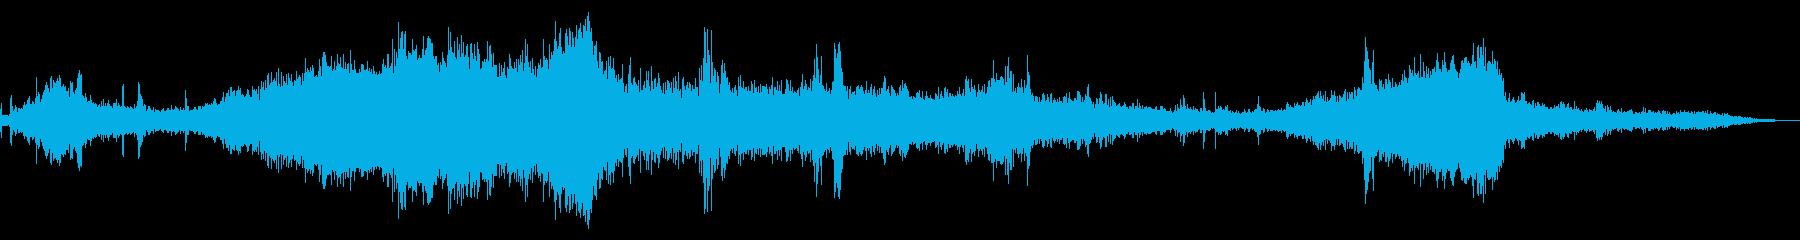 スクールバス:Int:開始、アイド...の再生済みの波形